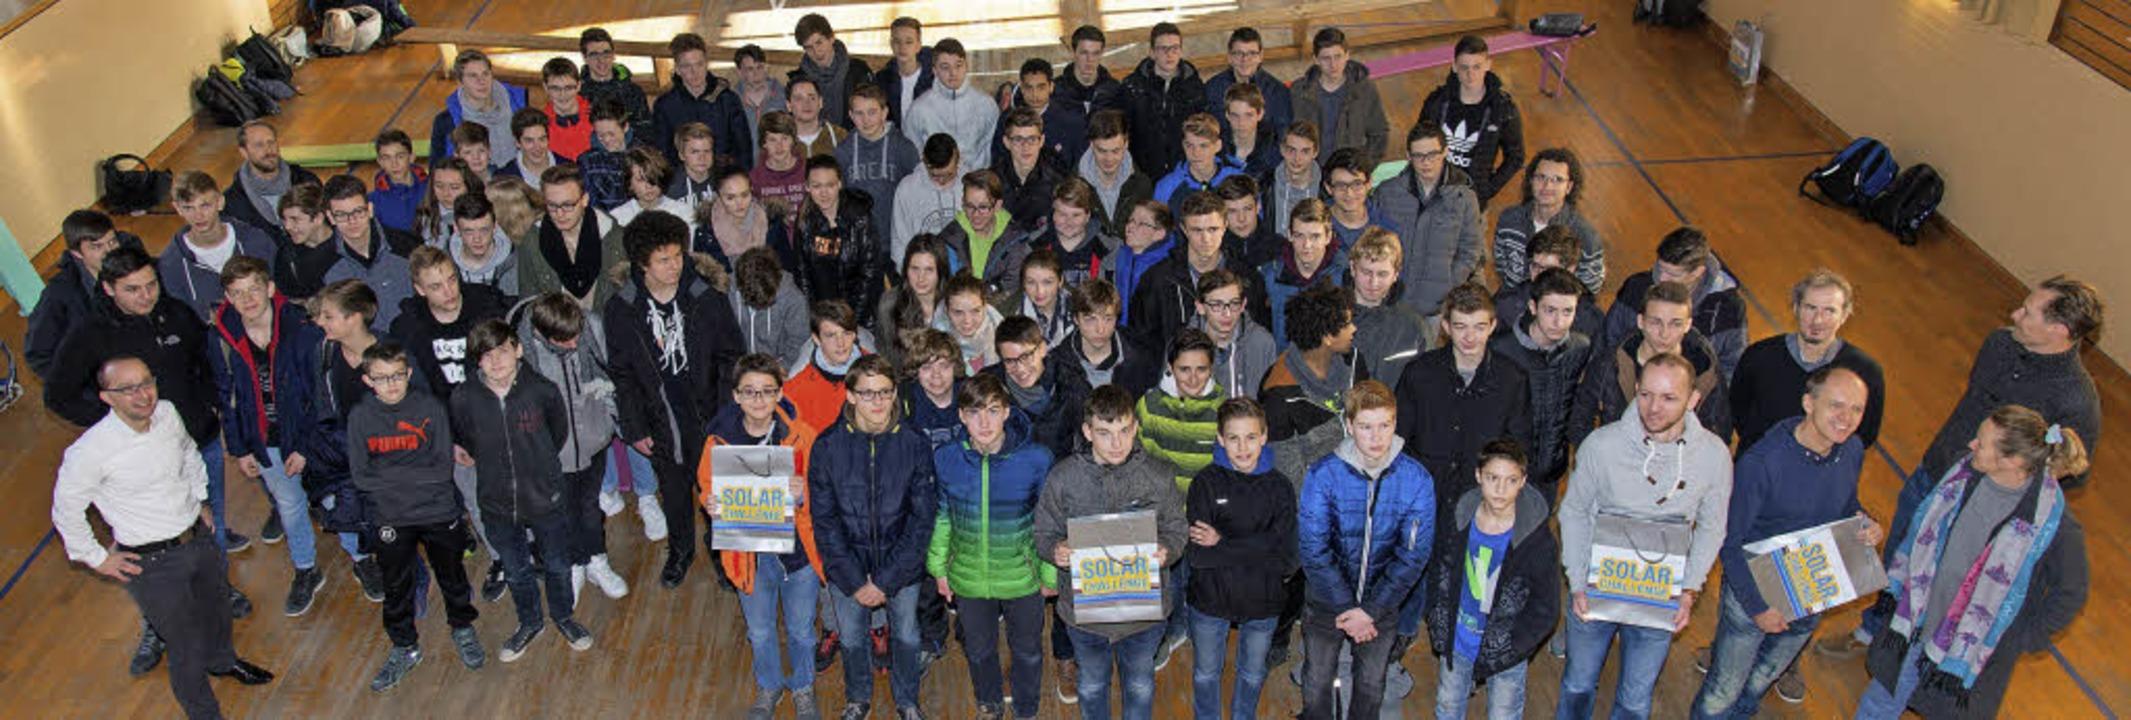 Schüler und Lehrer haben sich in Etten...akete für die Solar Challenge geholt.   | Foto: Olaf Michel